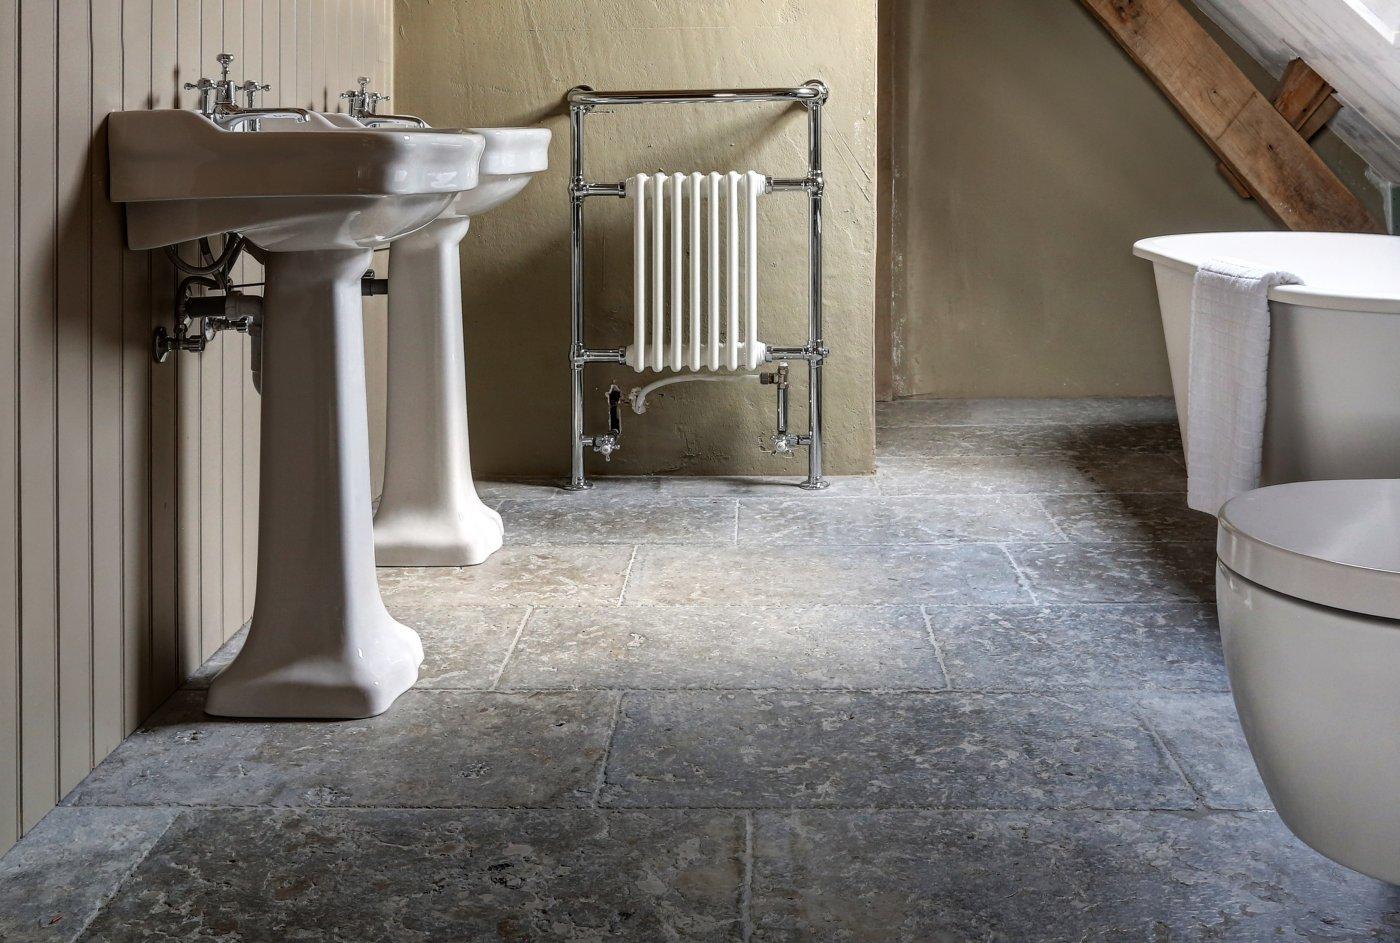 Chateau Vloeren Helmond : Bourgondische dallen de opkamer antieke vloeren en schouwen